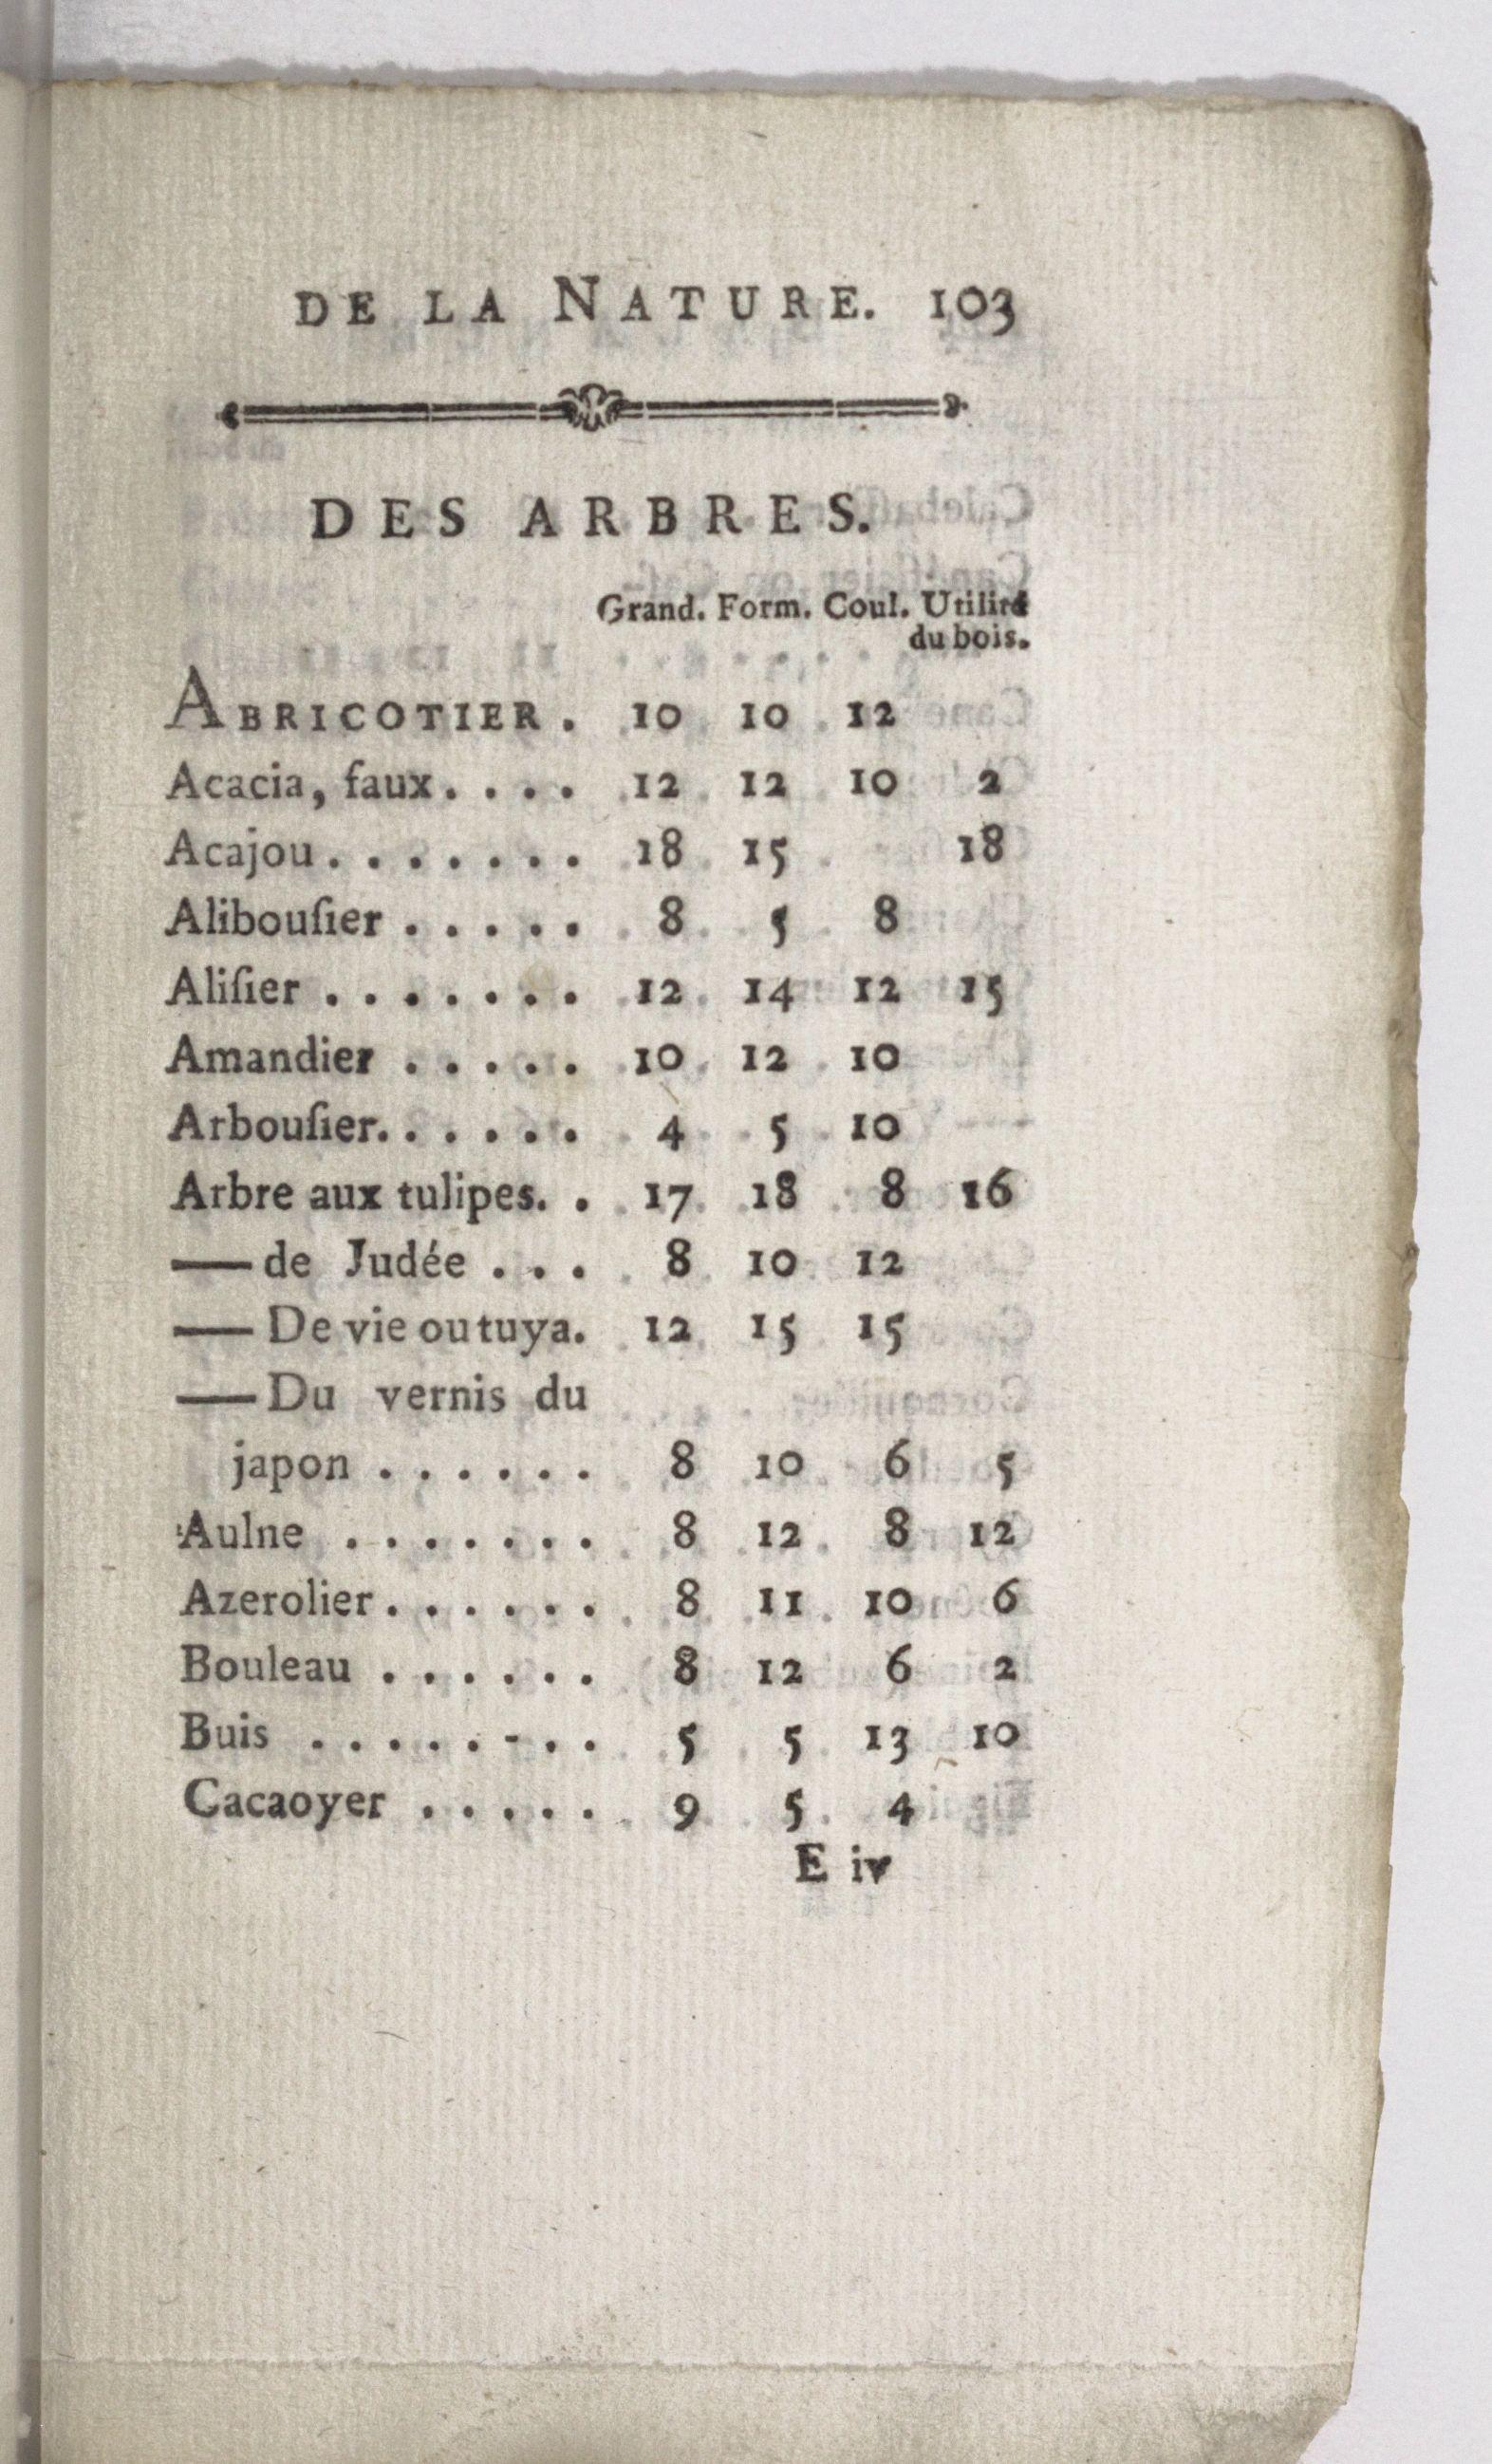 Marie Le Masson Le Golft, Balance de la nature, 1784.